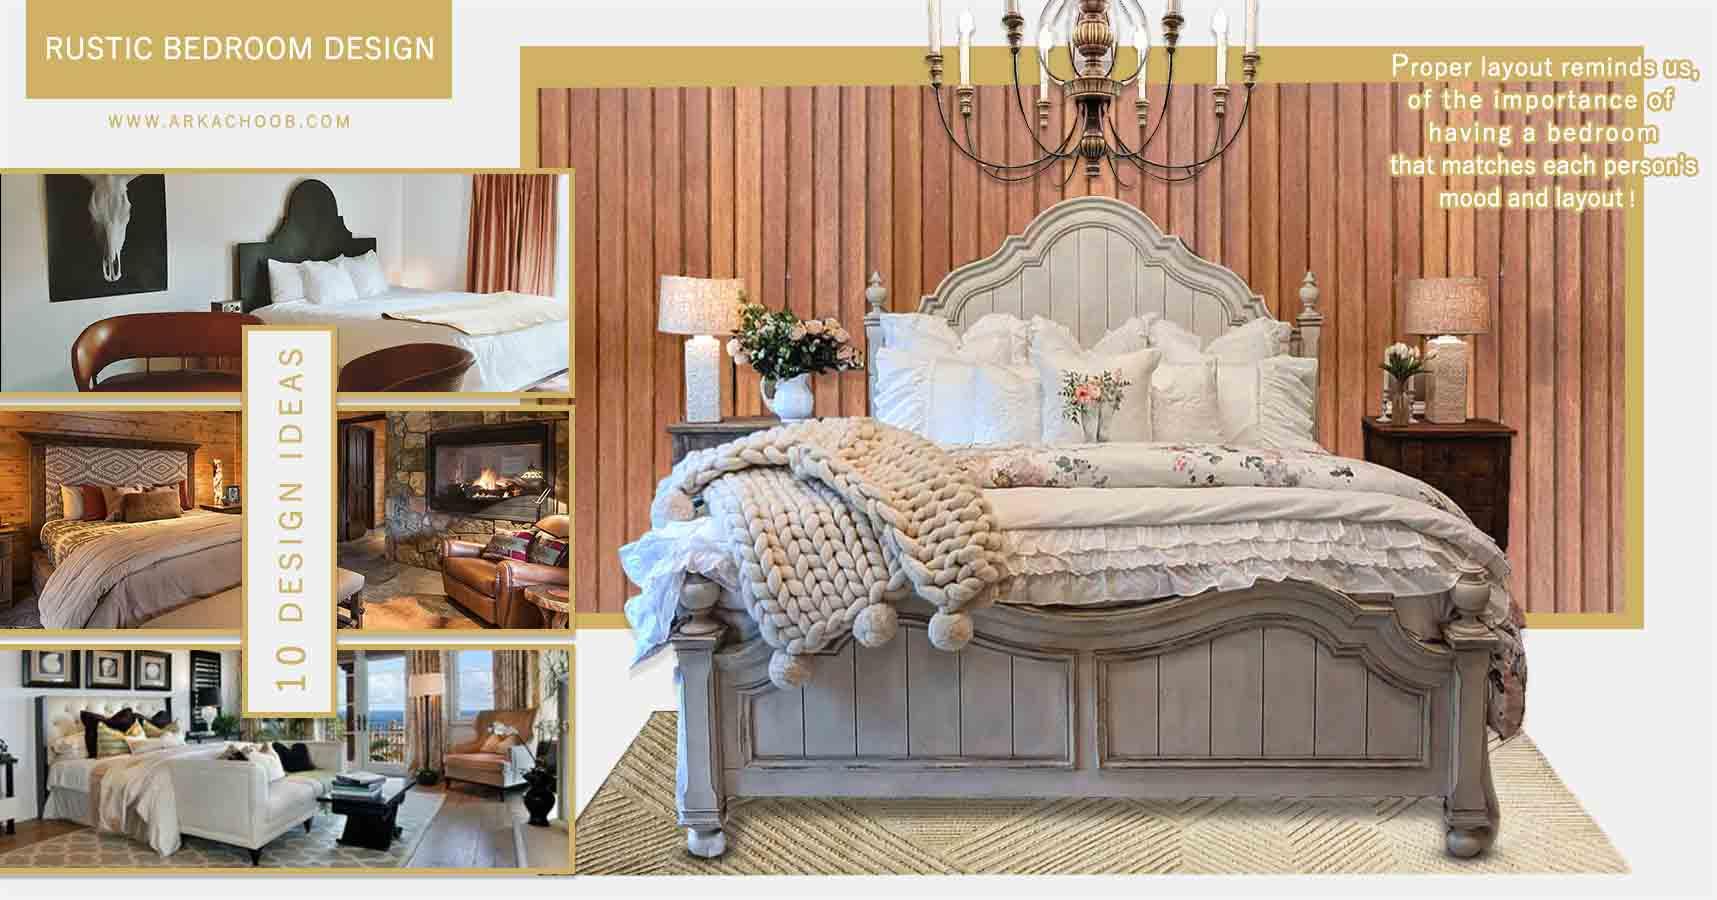 ۱۰ ایده برای طراحی اتاق خواب به سبک روستایی